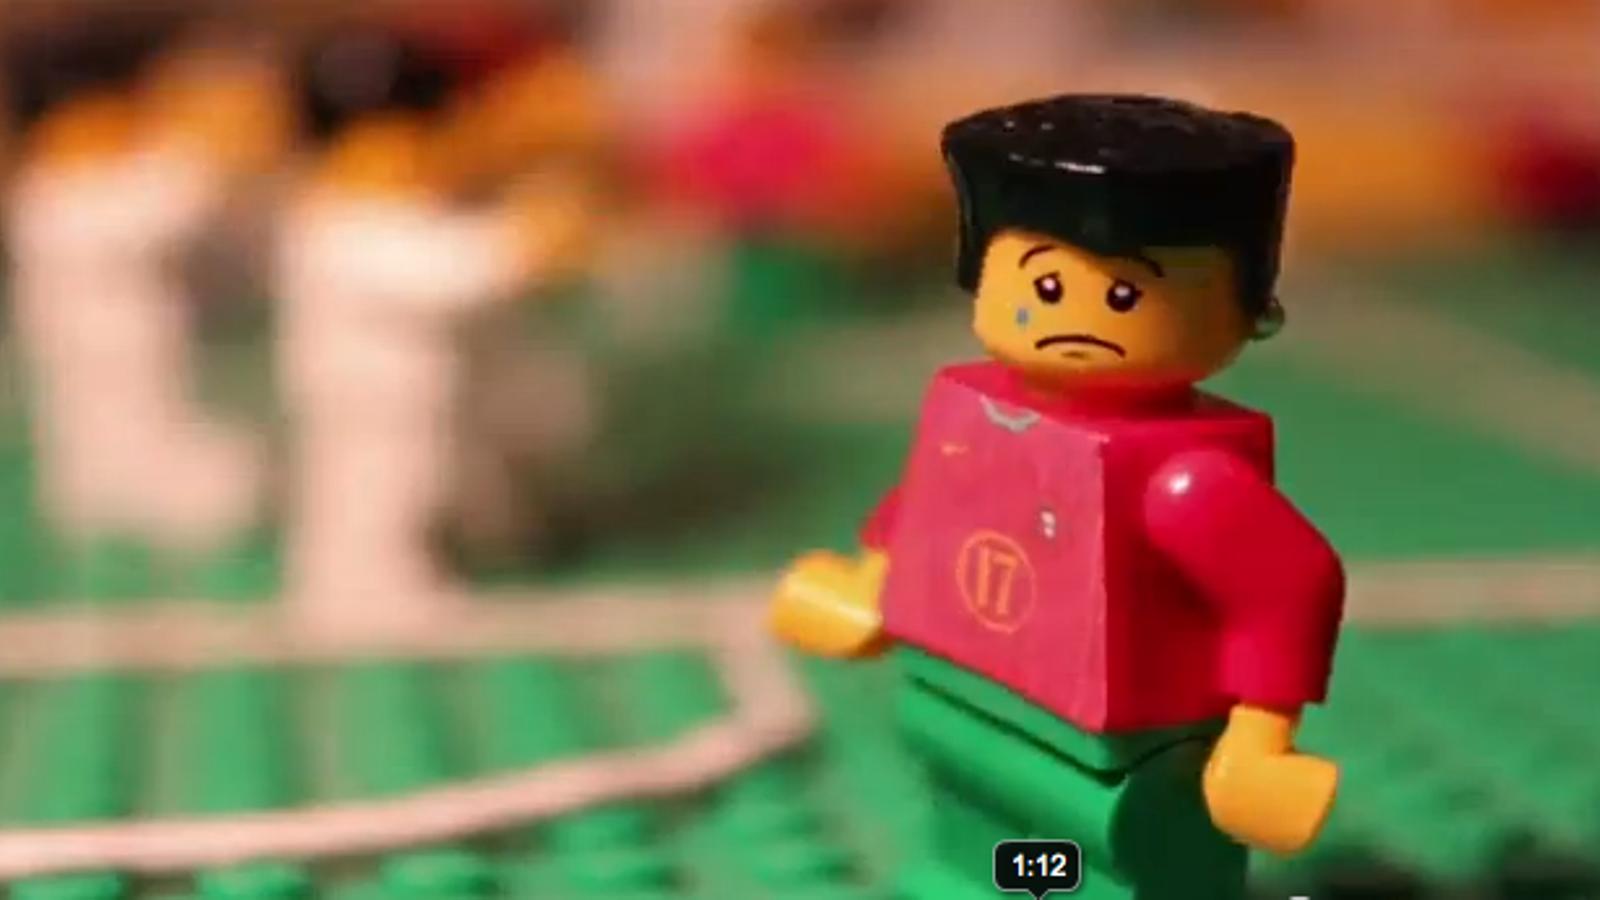 Els millors moments de l'Eurocopa, en Lego